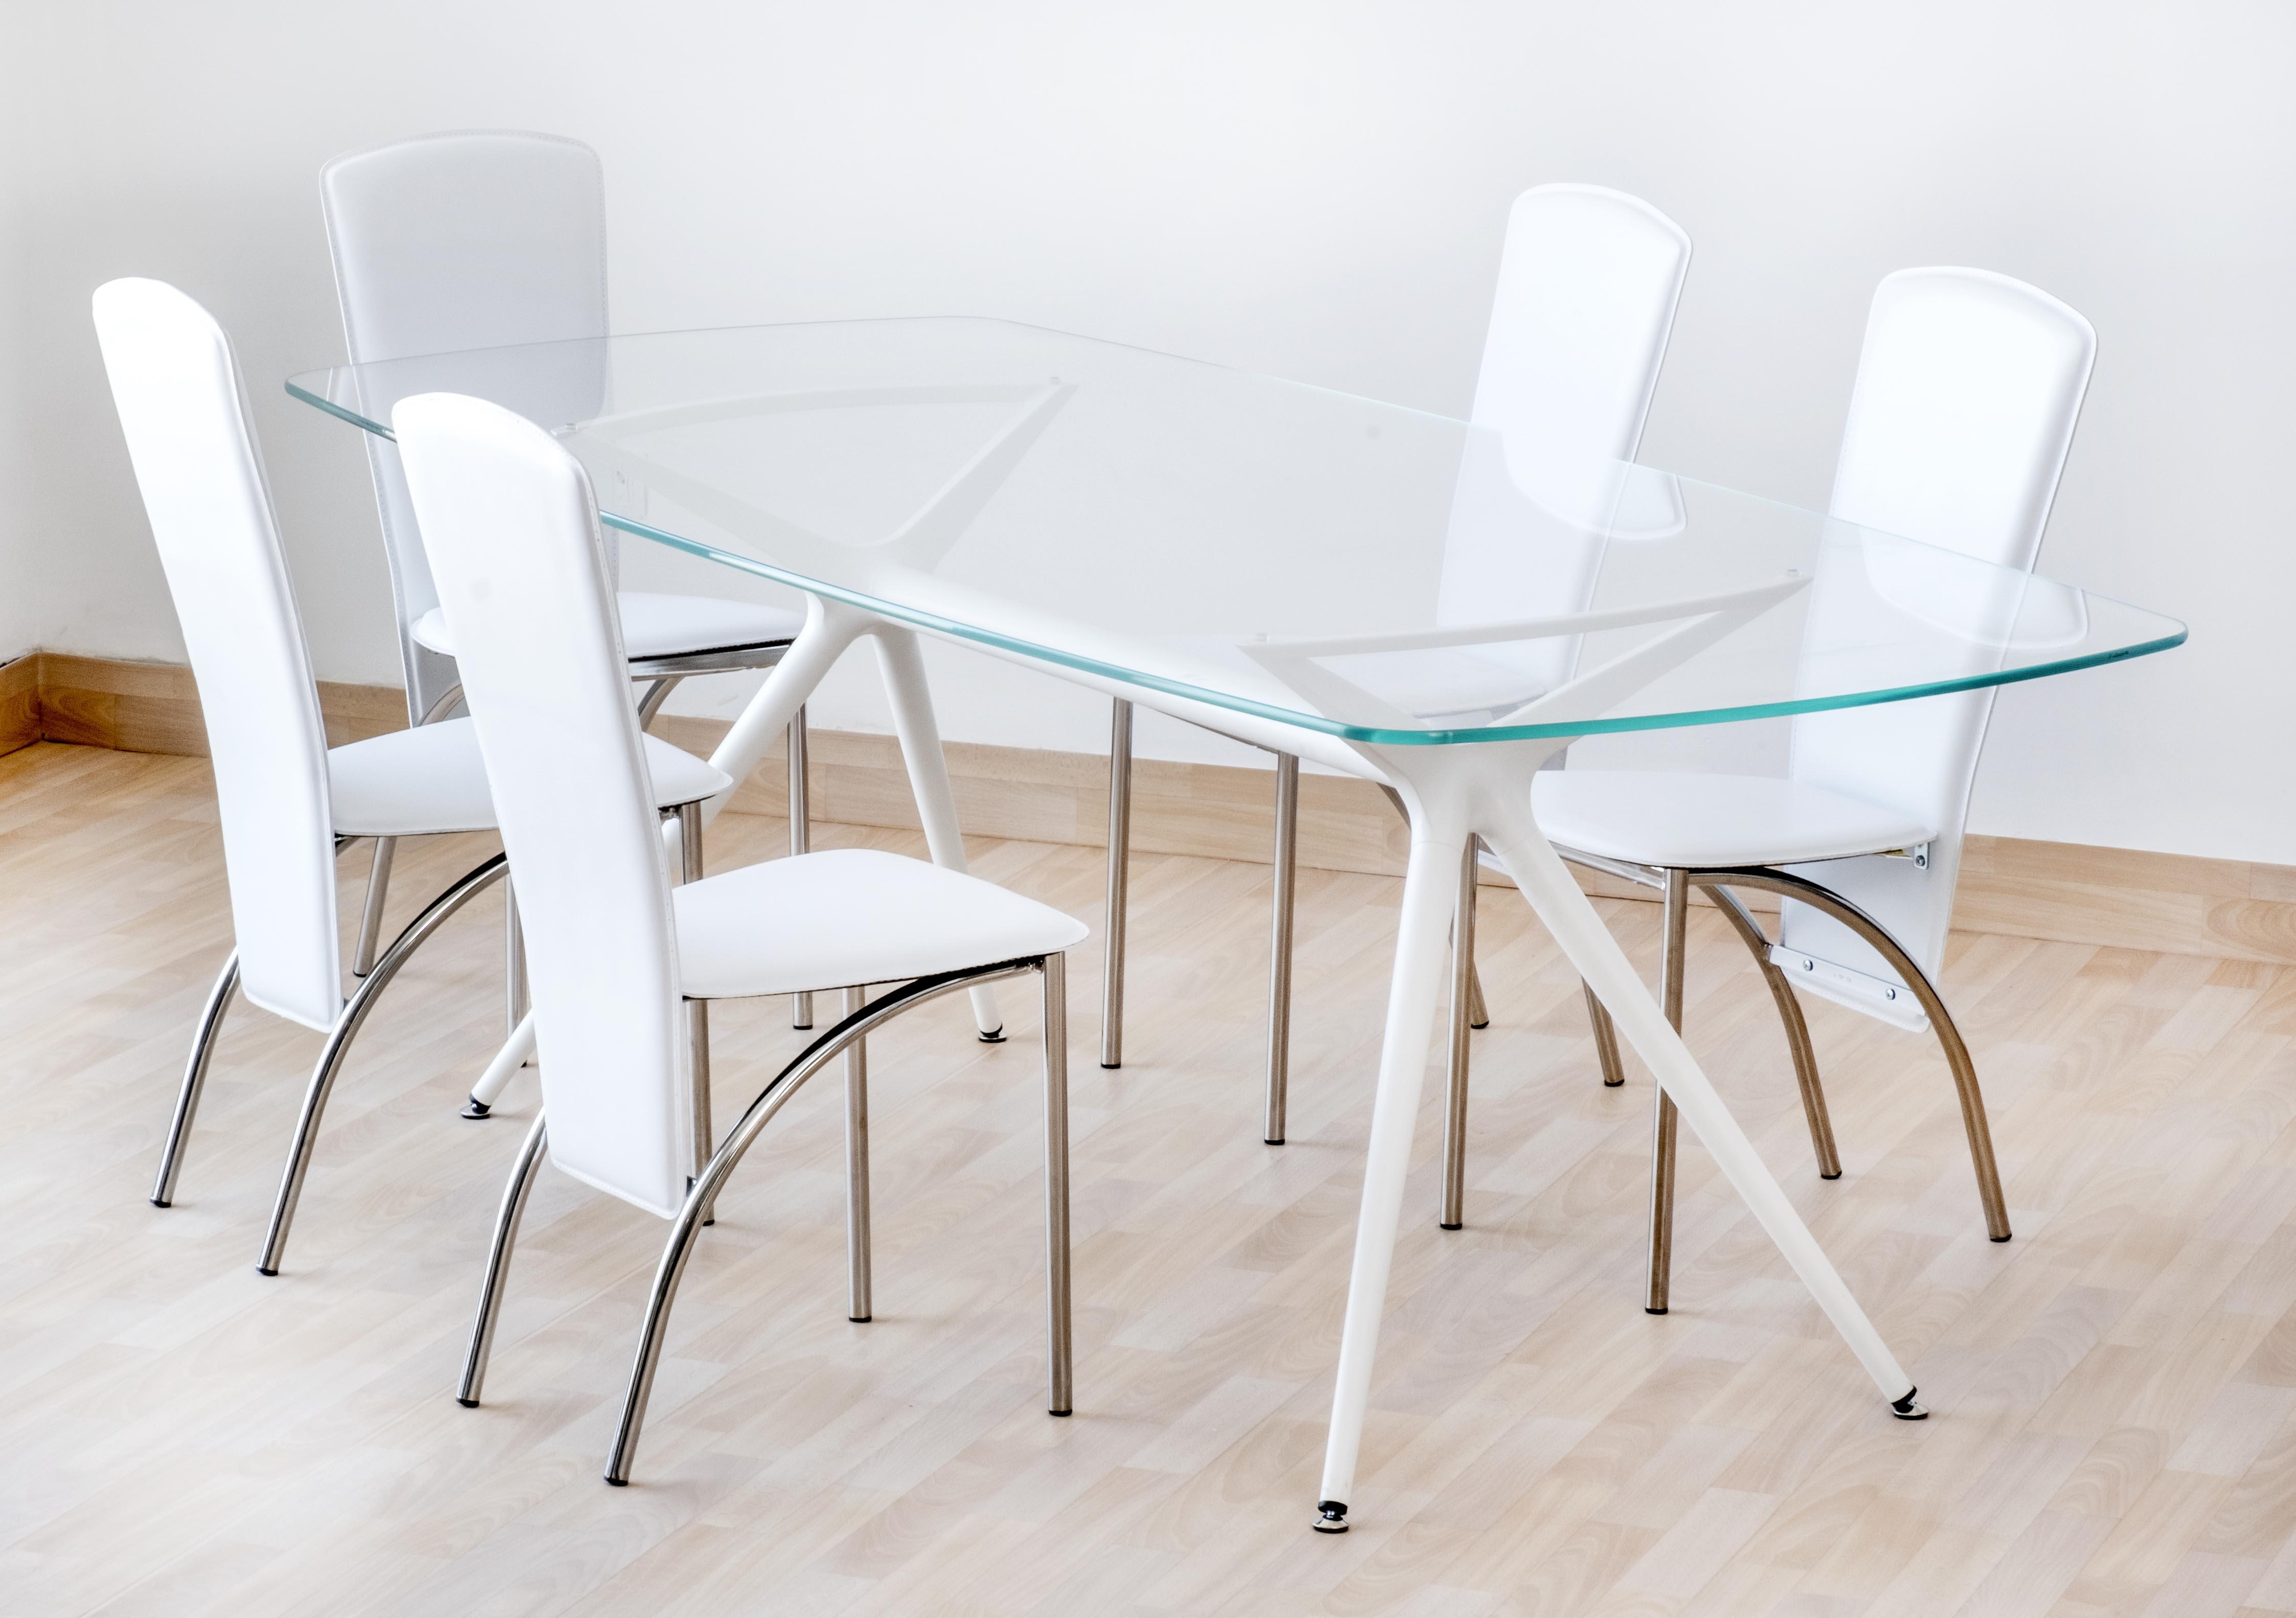 Tables de reunion non modulaire archives interieurs - Table de reunion design ...